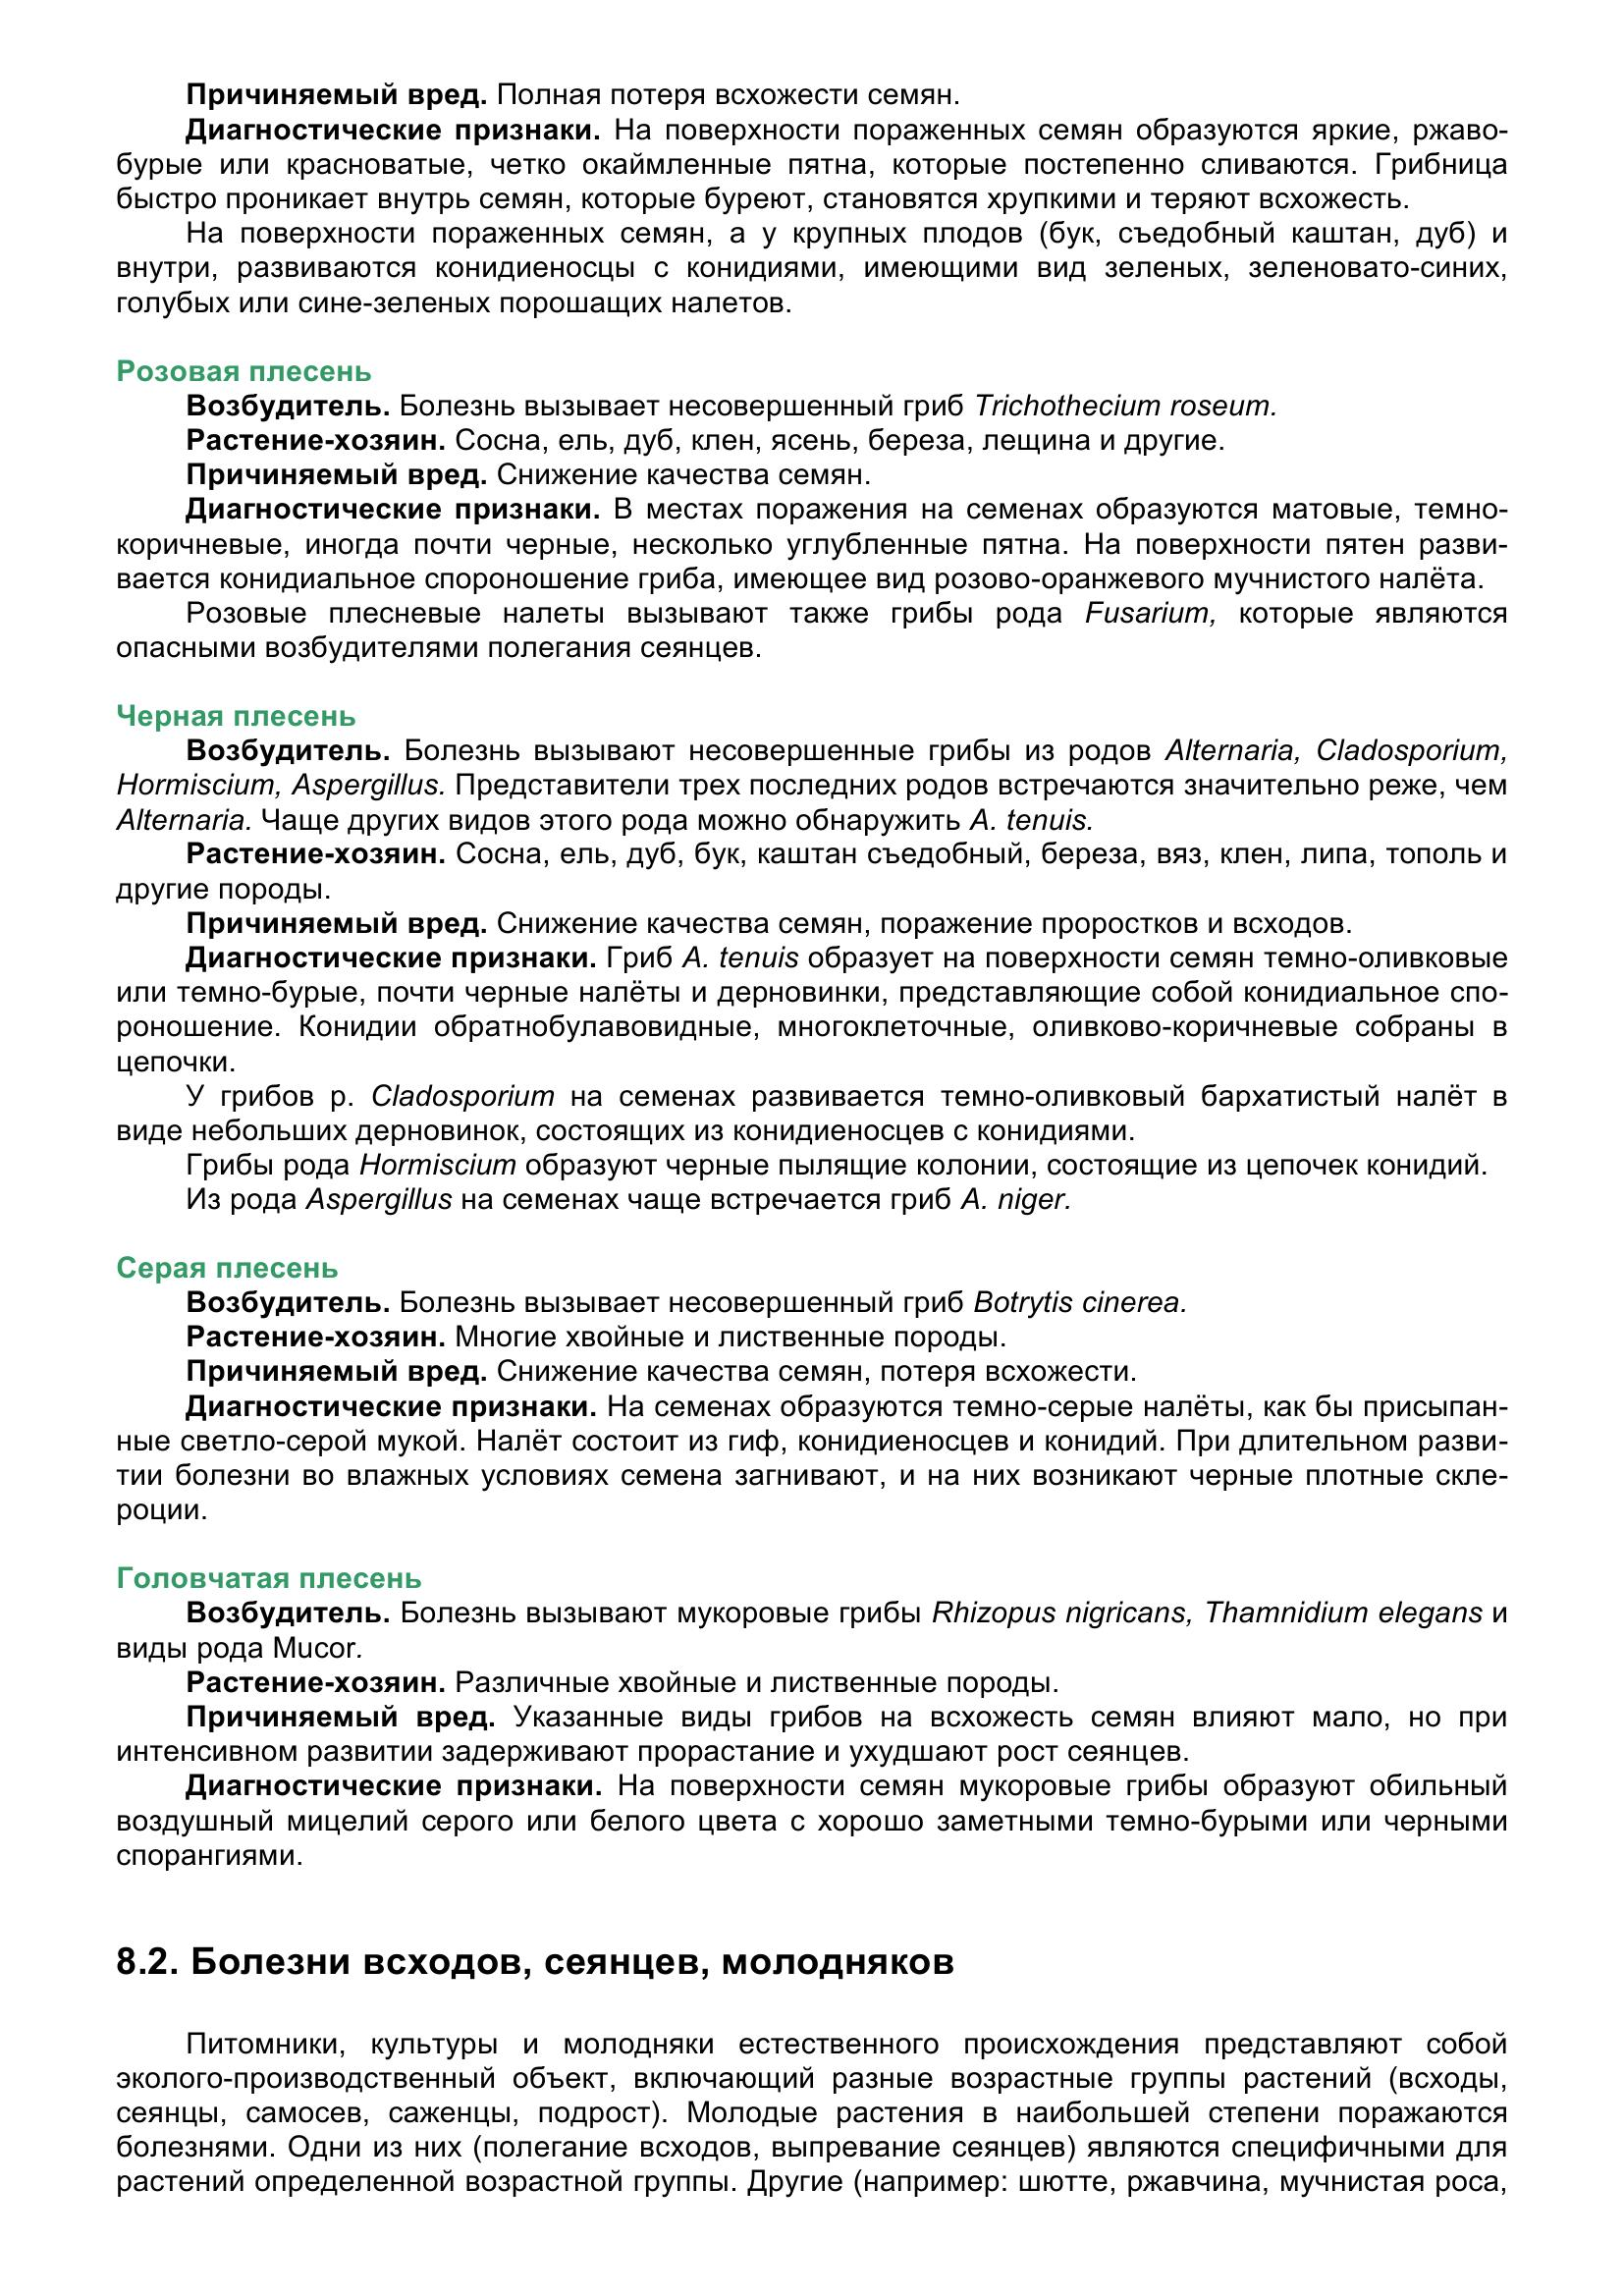 Болезни_древесных_растений_035.jpg